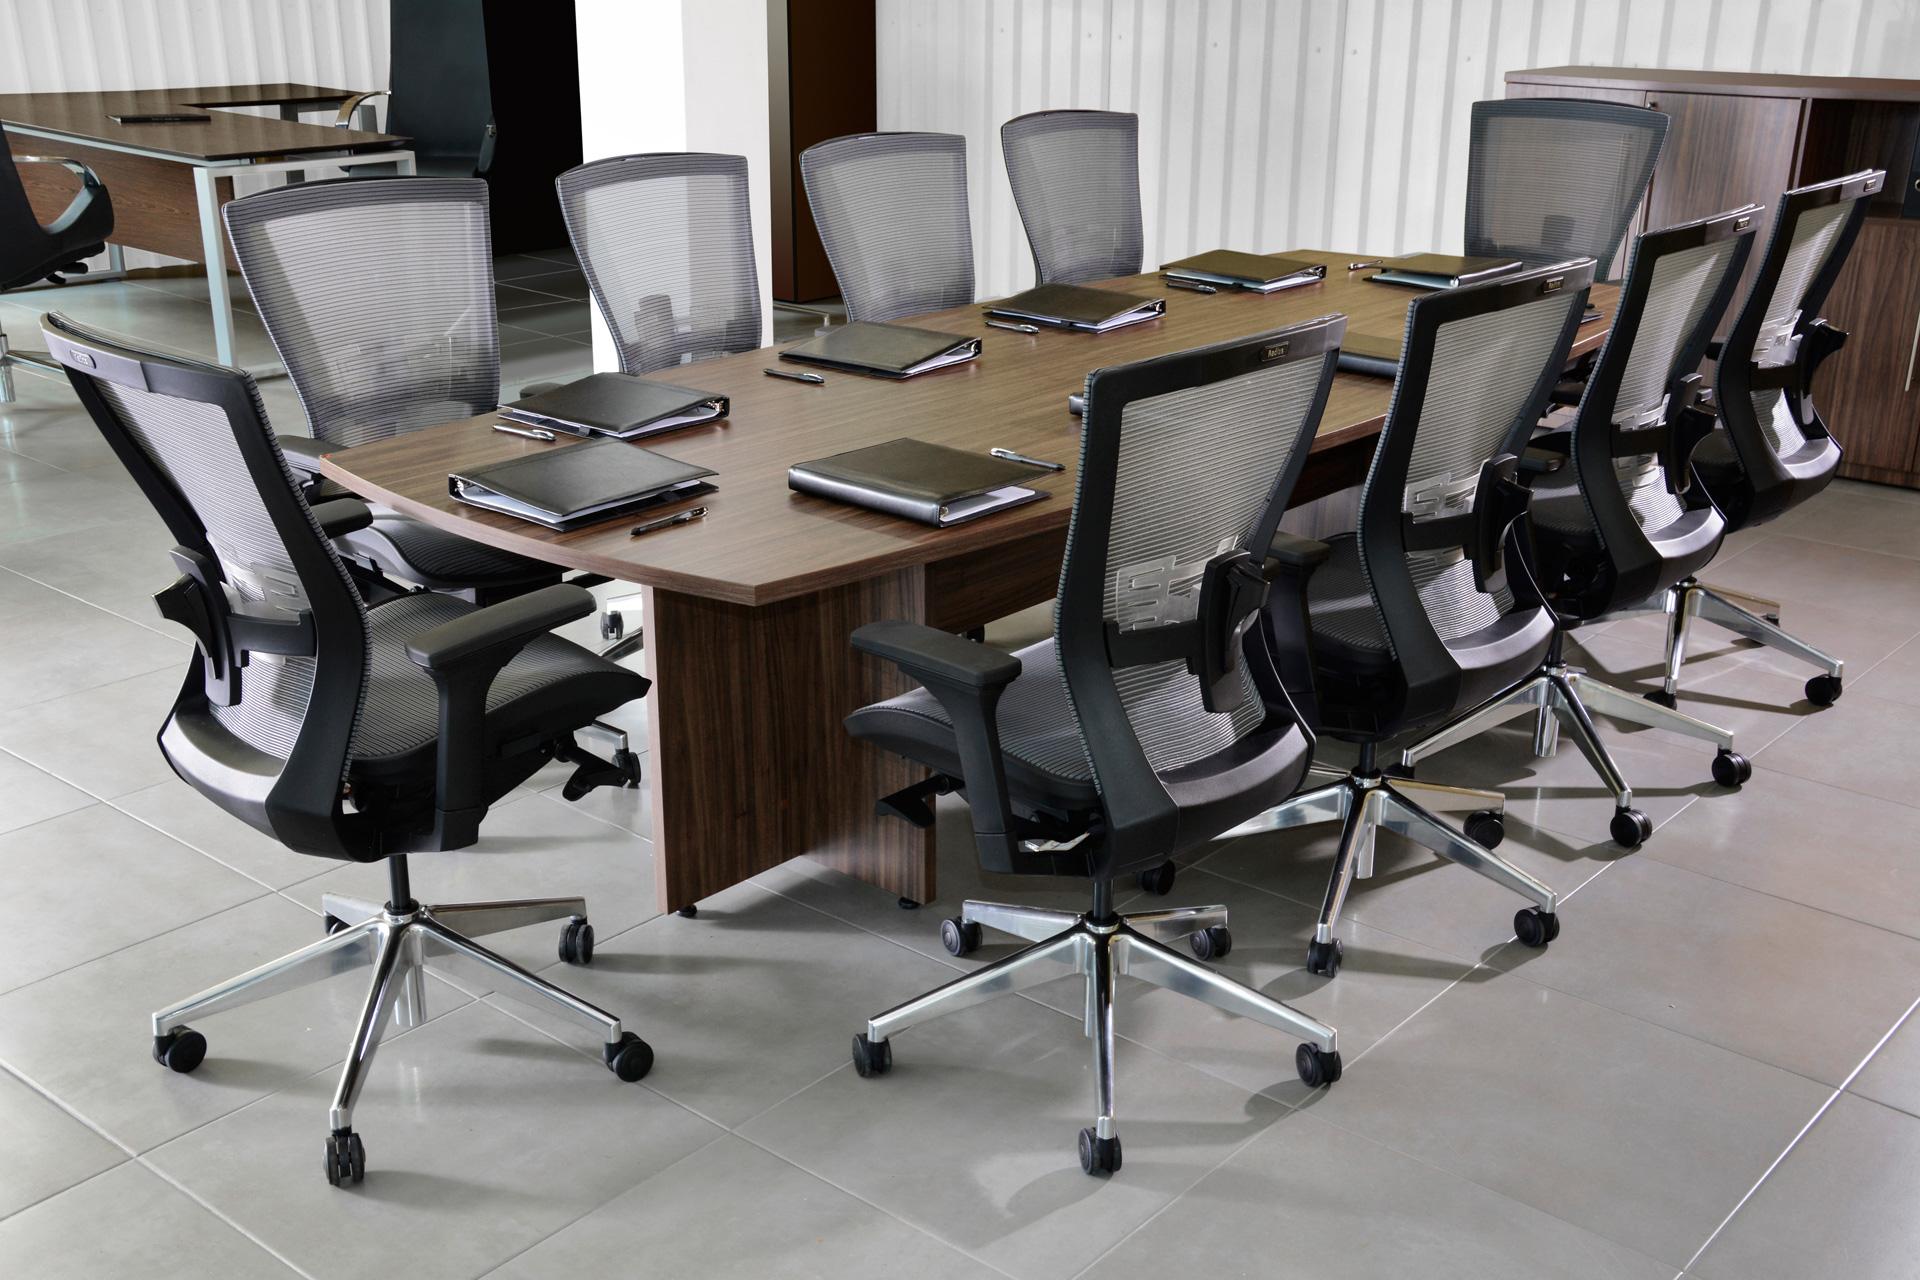 Muebles Para Oficina Queretaro 04 Muebles Para Oficina En M Xico # Muebles Queretaro